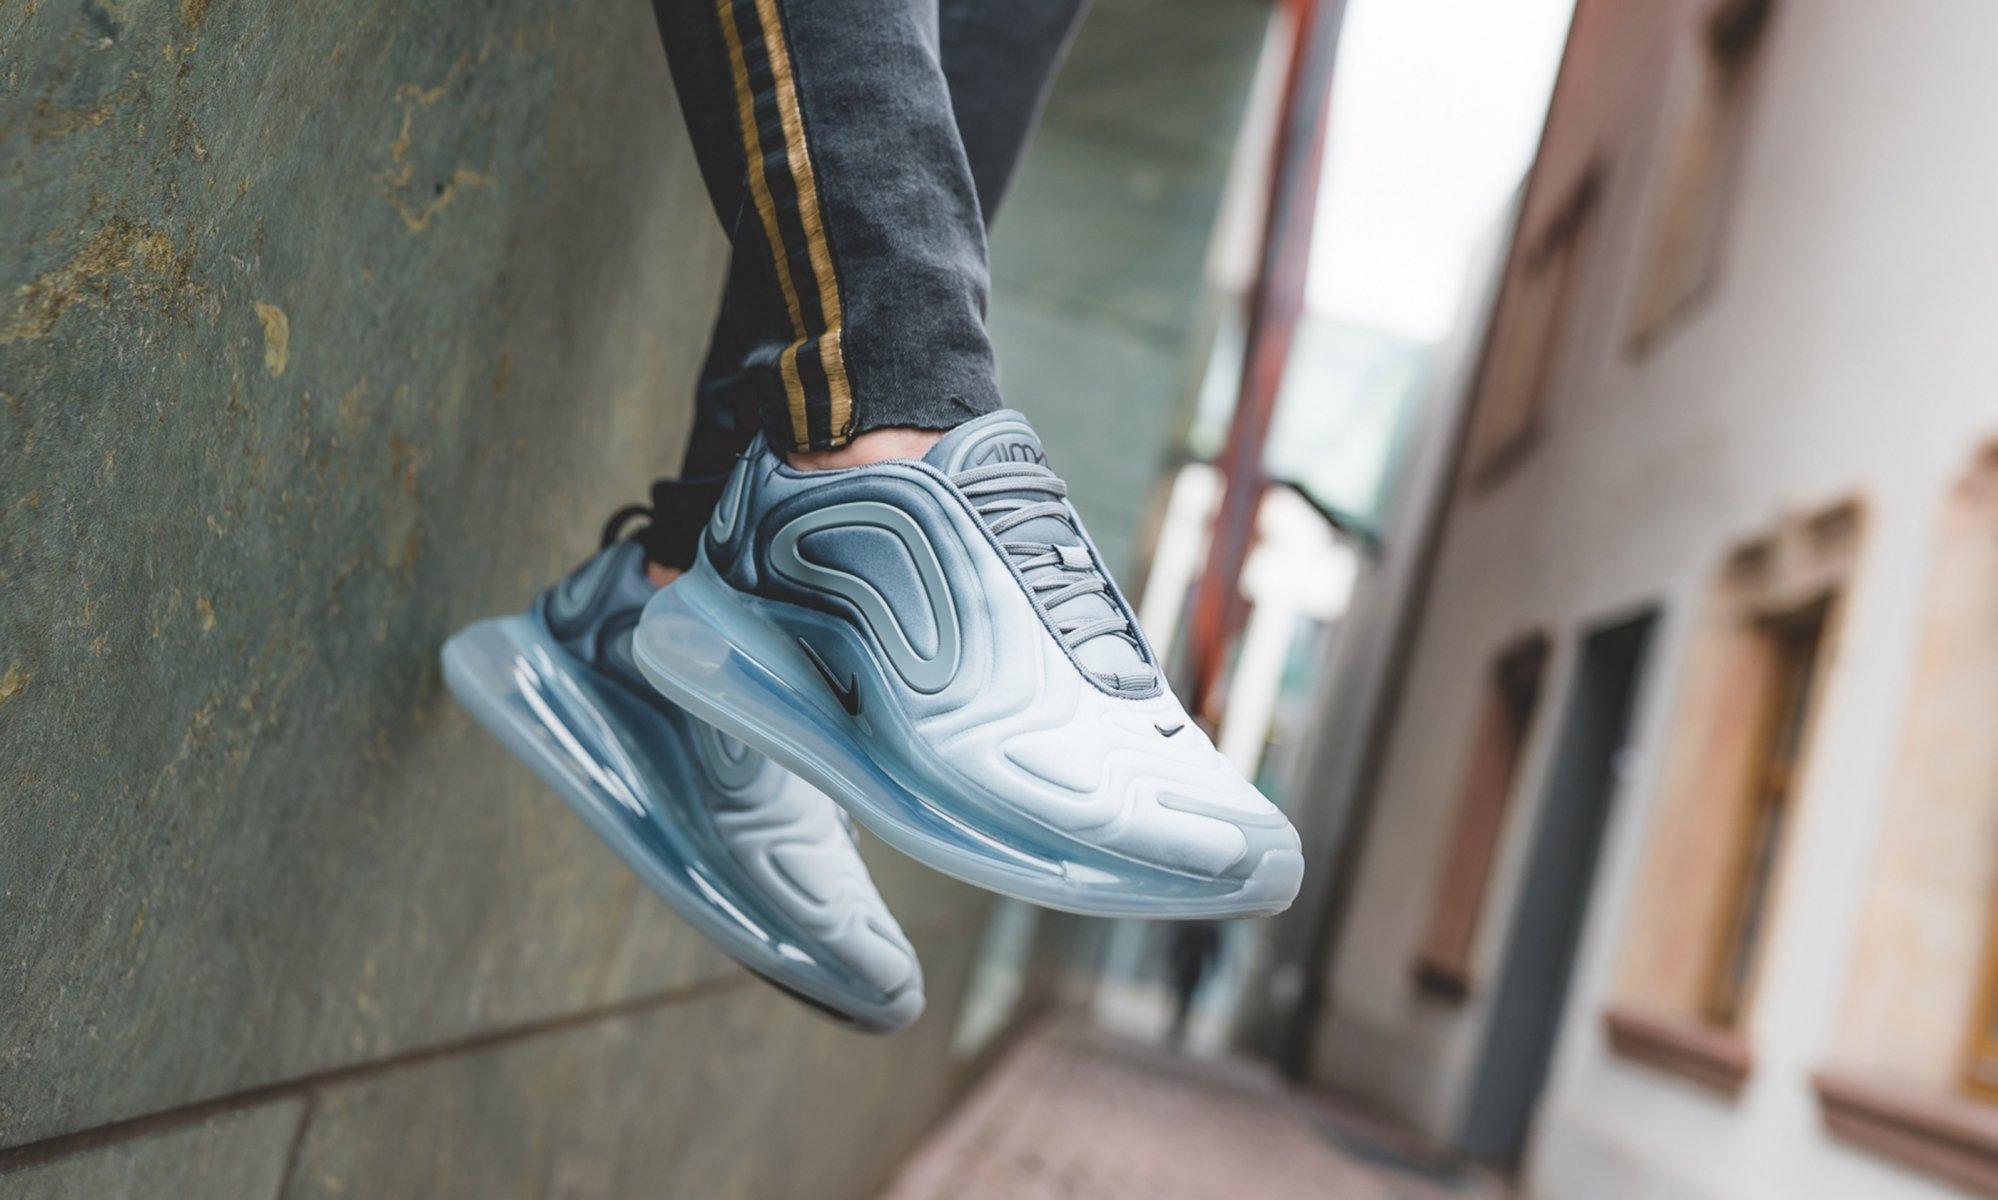 【日本海外代購】Nike Air Max 720 灰 灰銀 漸層 大氣墊 休閒 慢跑鞋 運動鞋 女鞋 AR9293-004